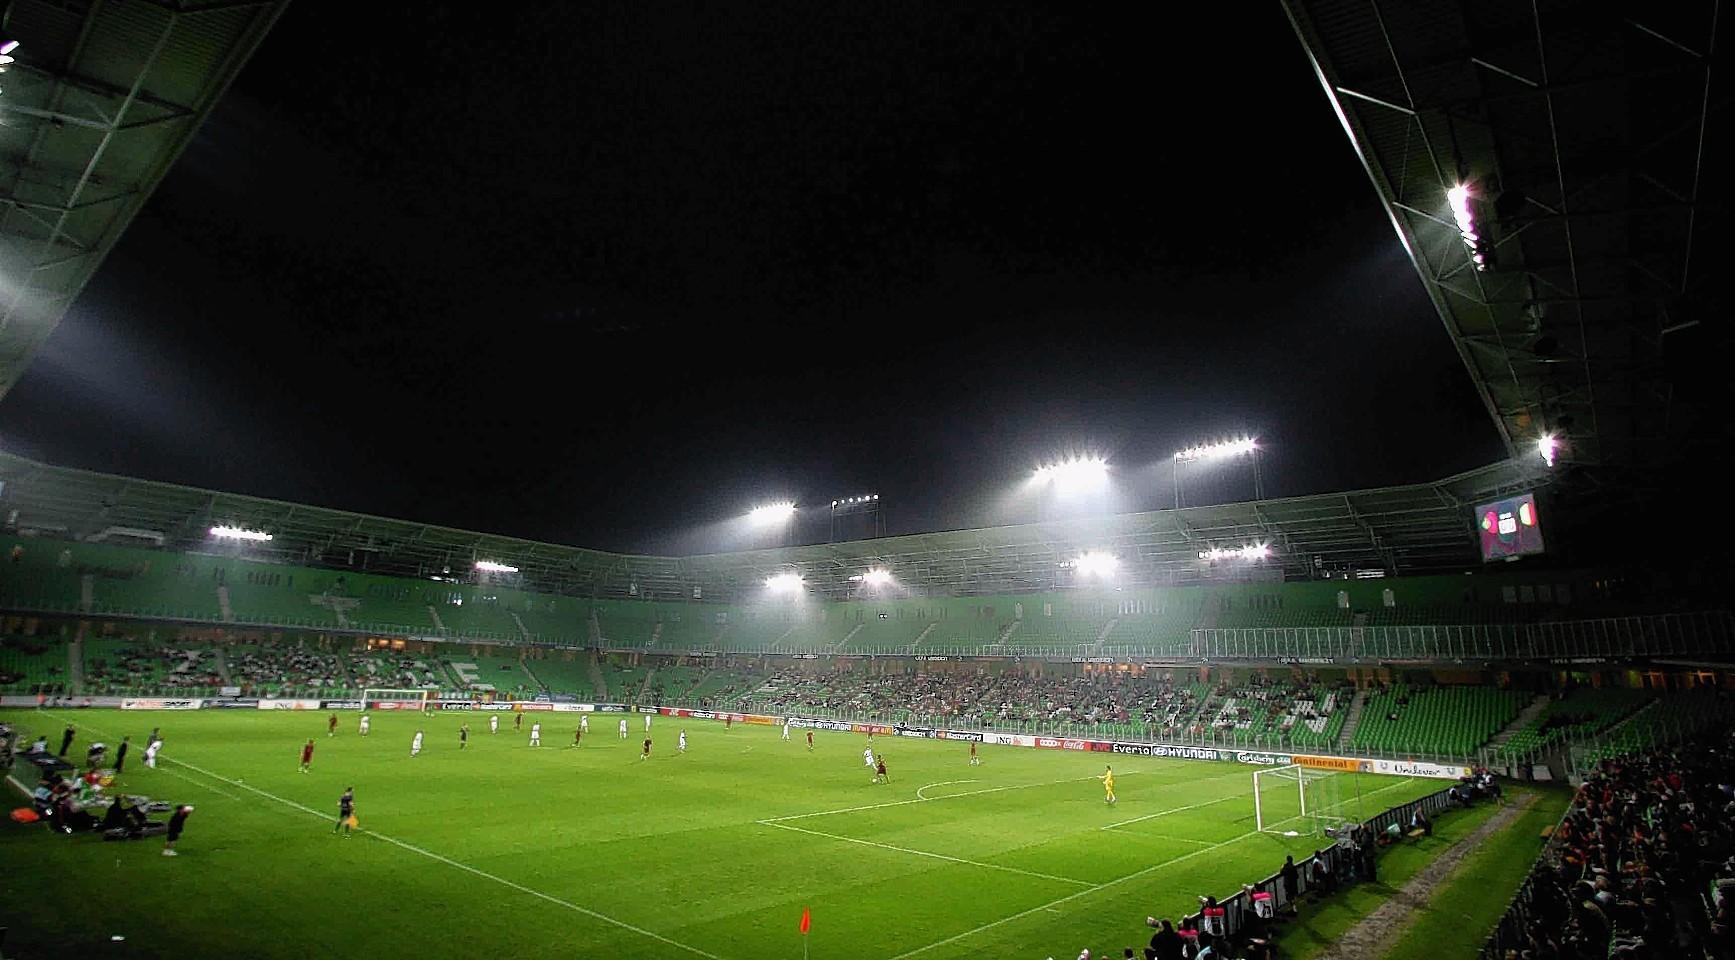 Groningen stadium